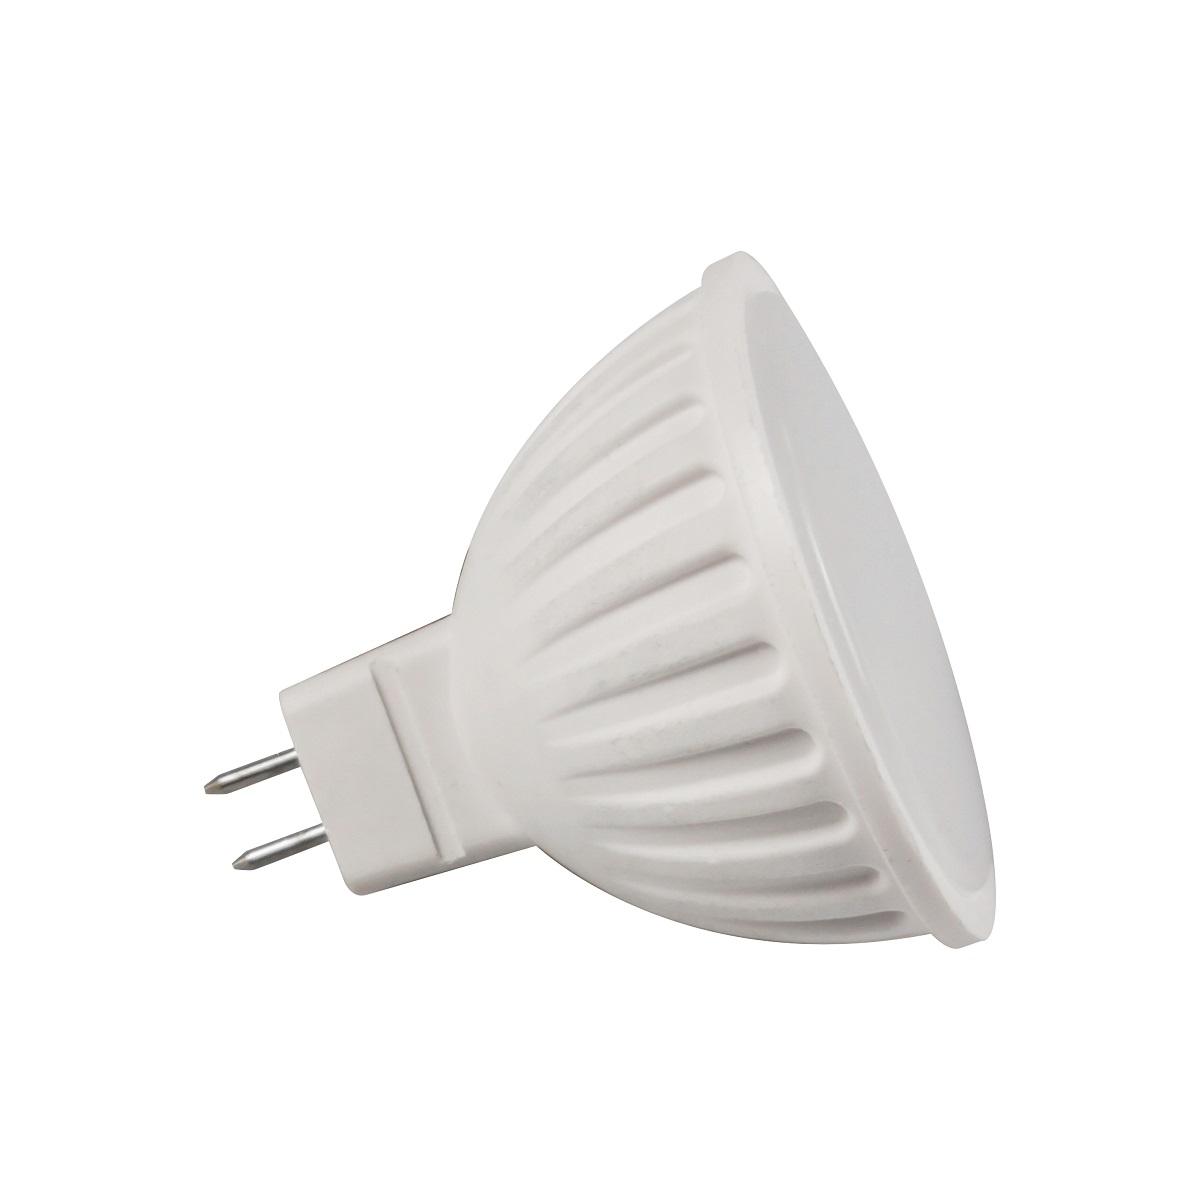 Лампа светодиодная Lieberg, теплый свет, цоколь GU5.3, 5W5055945536546Светодиодная лампа (рефлектор) LIEBERG мощностью 5Вт - это инновационный и экологичный источник света, позволяющий сэкономить до 90% на электроэнергии. Лампа не пульсирует, ресурс составляет 40 000 часов работы. Угол свечения 120°. Эффективный драйвер обеспечивает стабильную работу при резких перепадах входного напряжения (175 -265В). Область применения: общее, локальное и аварийное освещение.